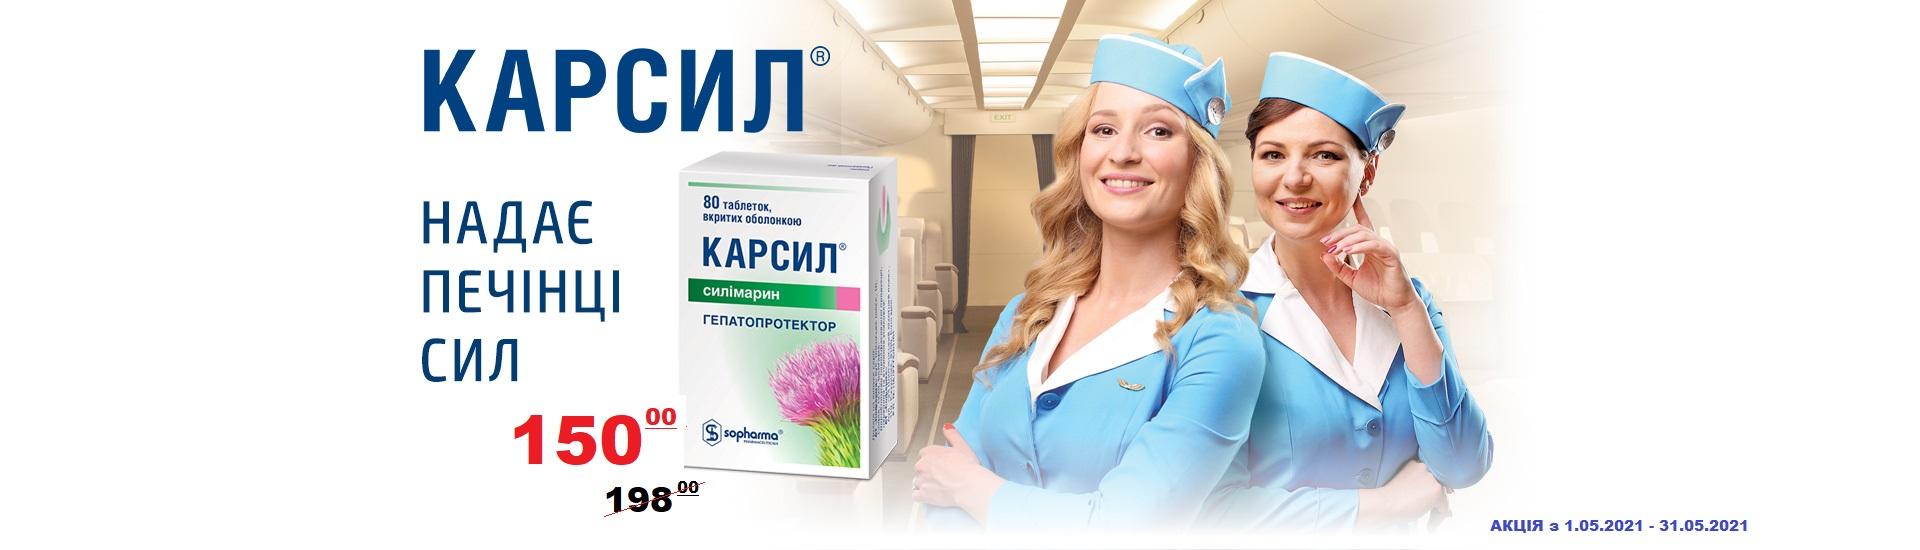 polimed_karsil